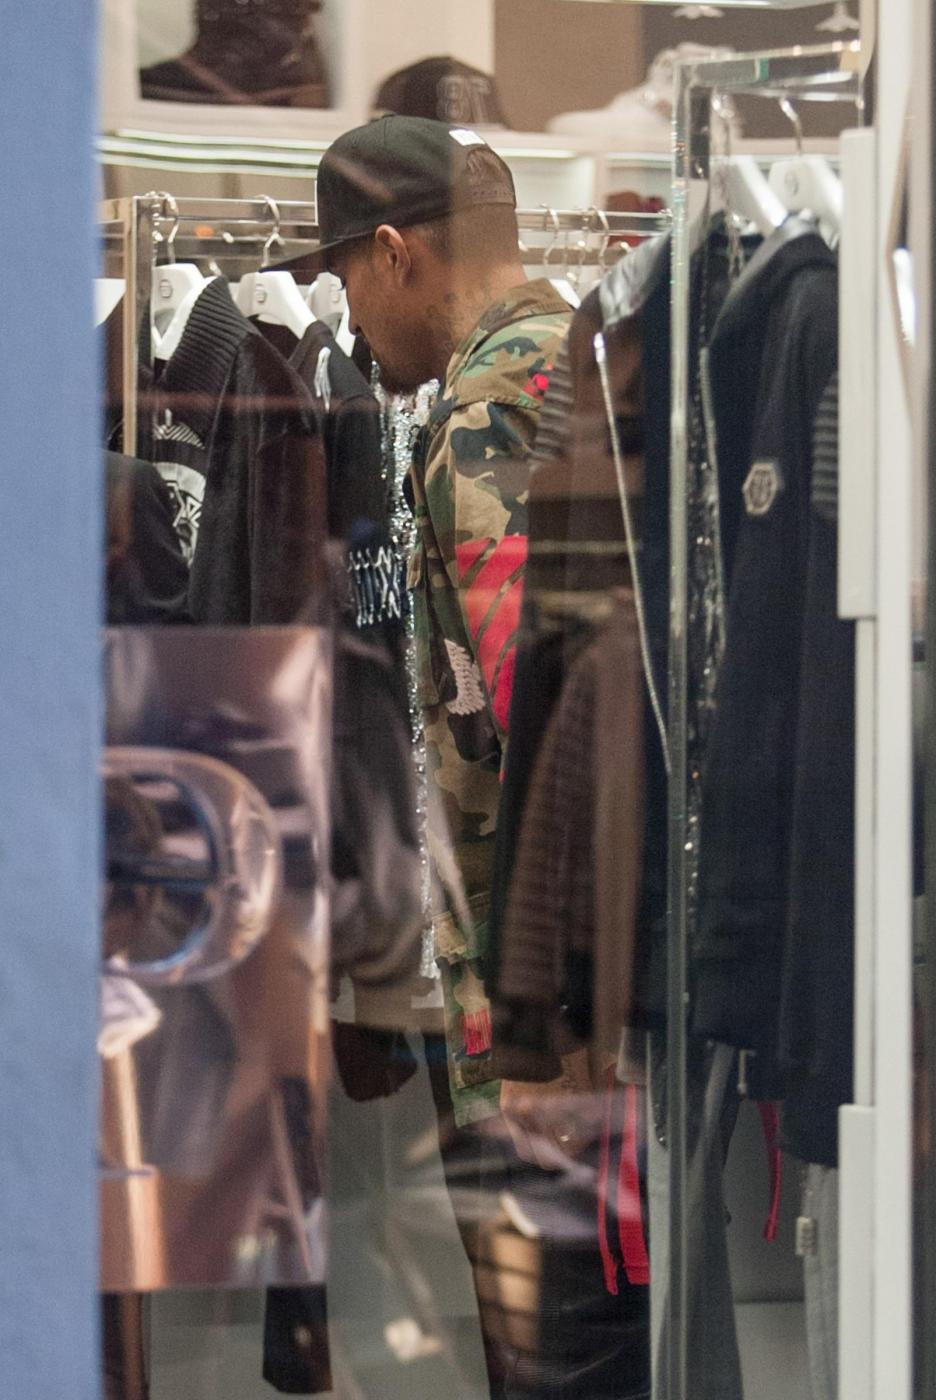 Boateng shopping natalizio: compra regali a Melissa Satta12